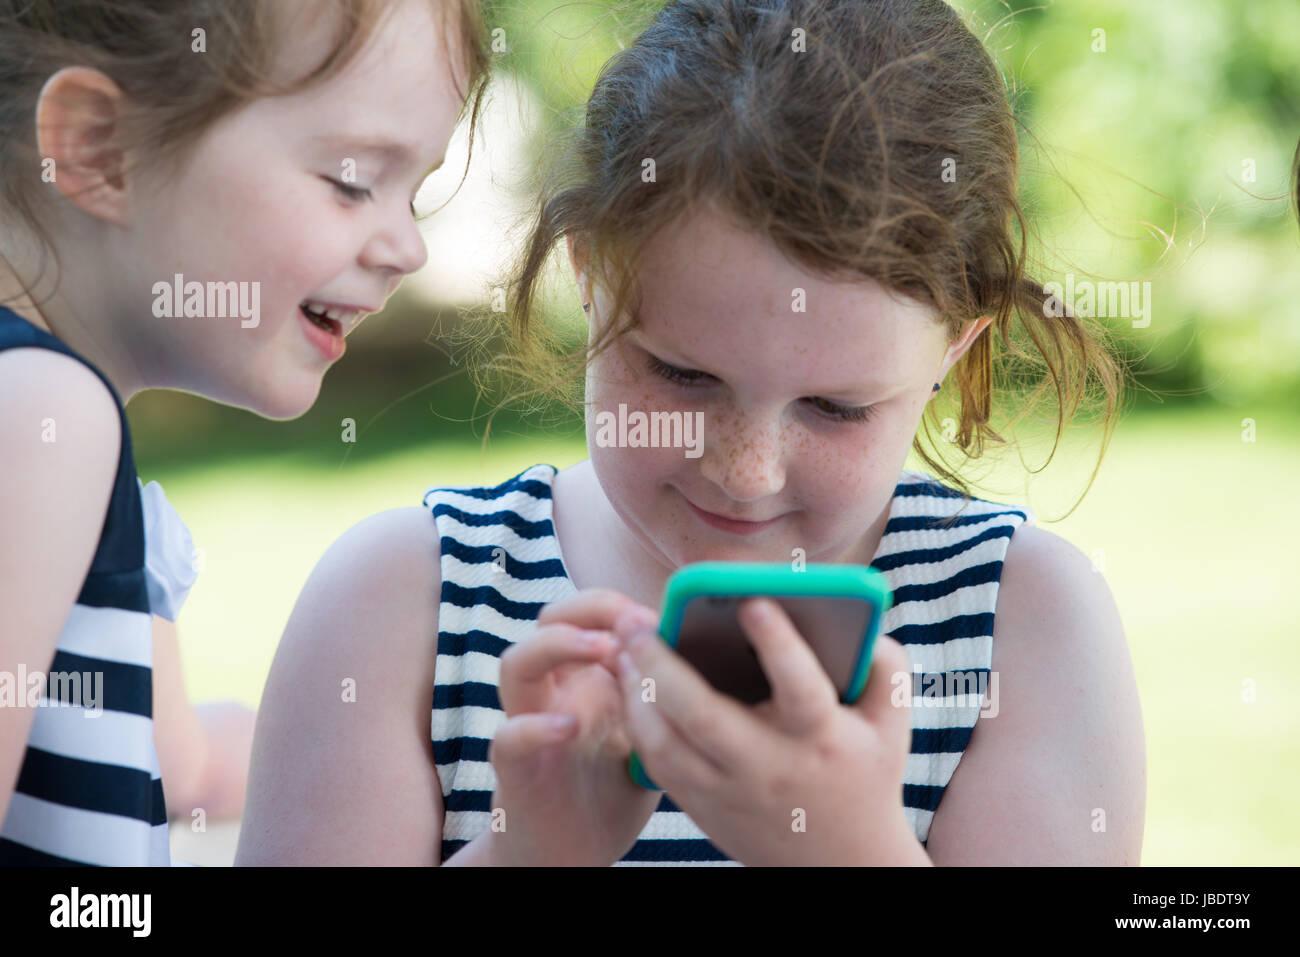 Felice di ridere i bambini a giocare con lo smartphone al di fuori Immagini Stock